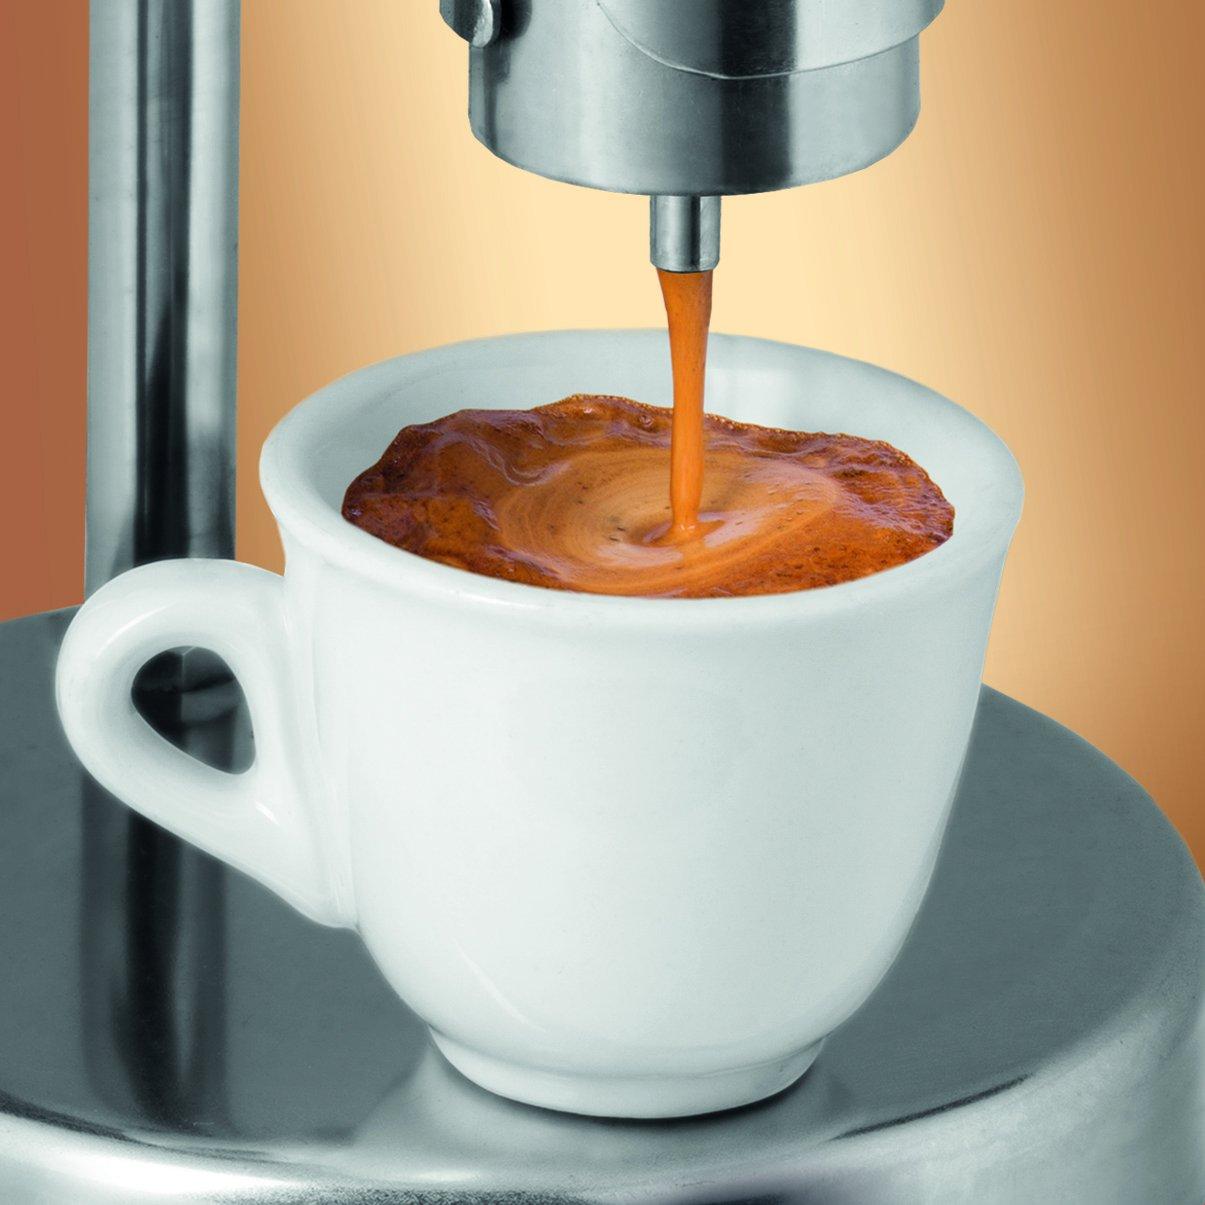 Kamira versión de colores azul claro, el espresso cremoso italiano ...